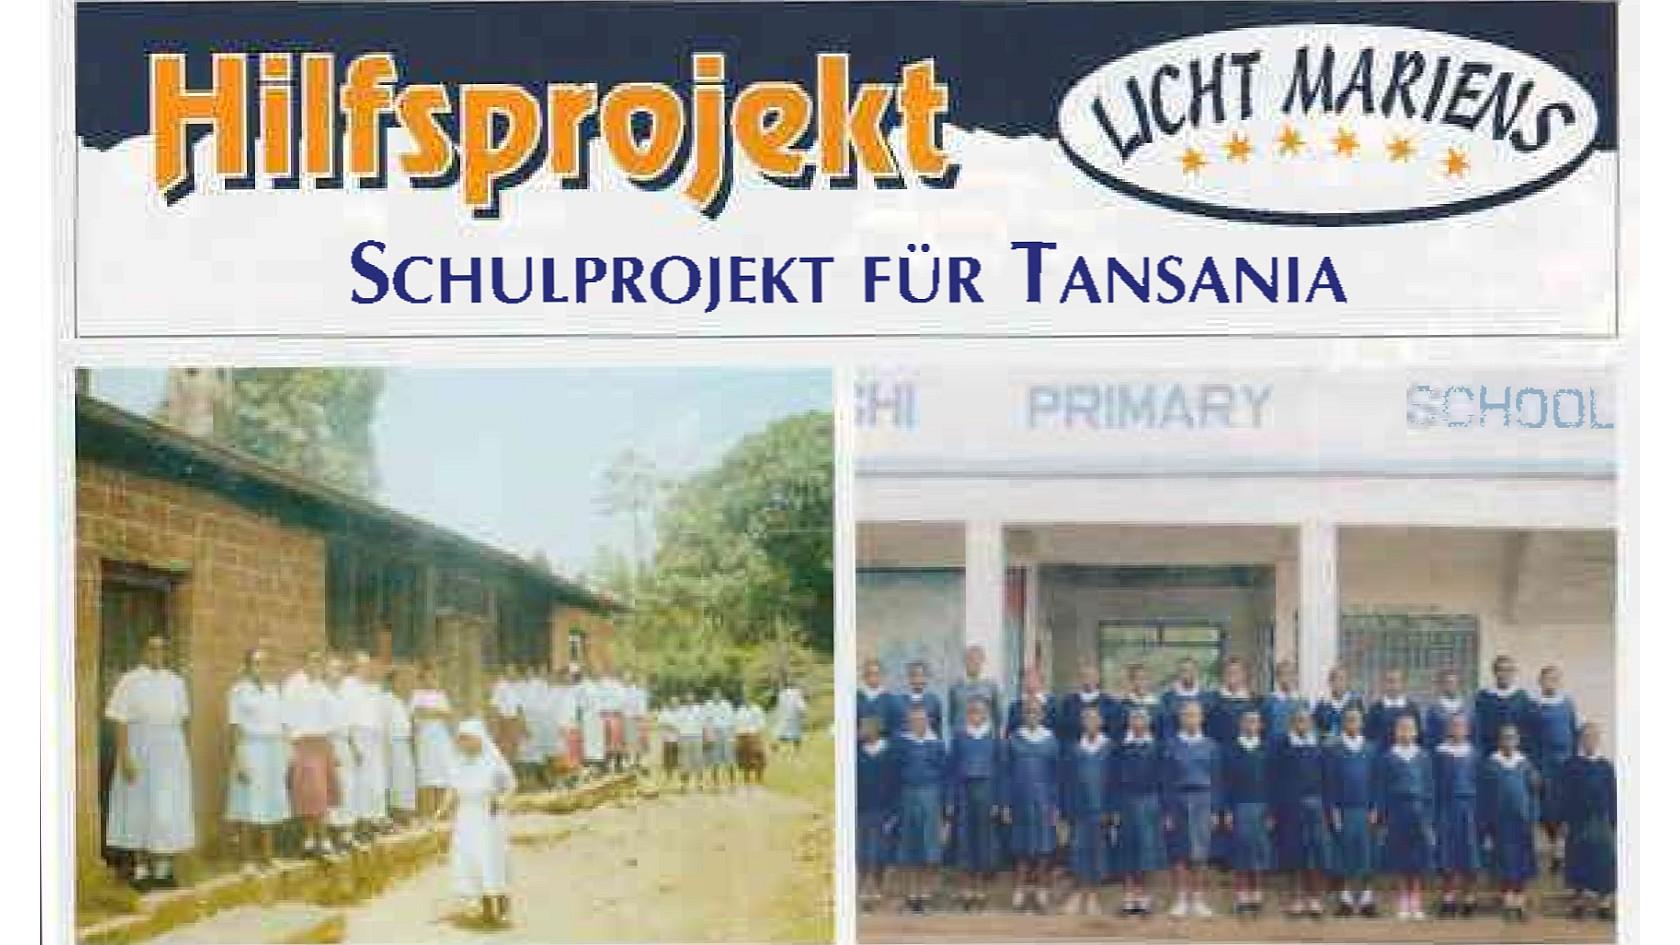 Hilfsprojekt Licht Mariens 2007